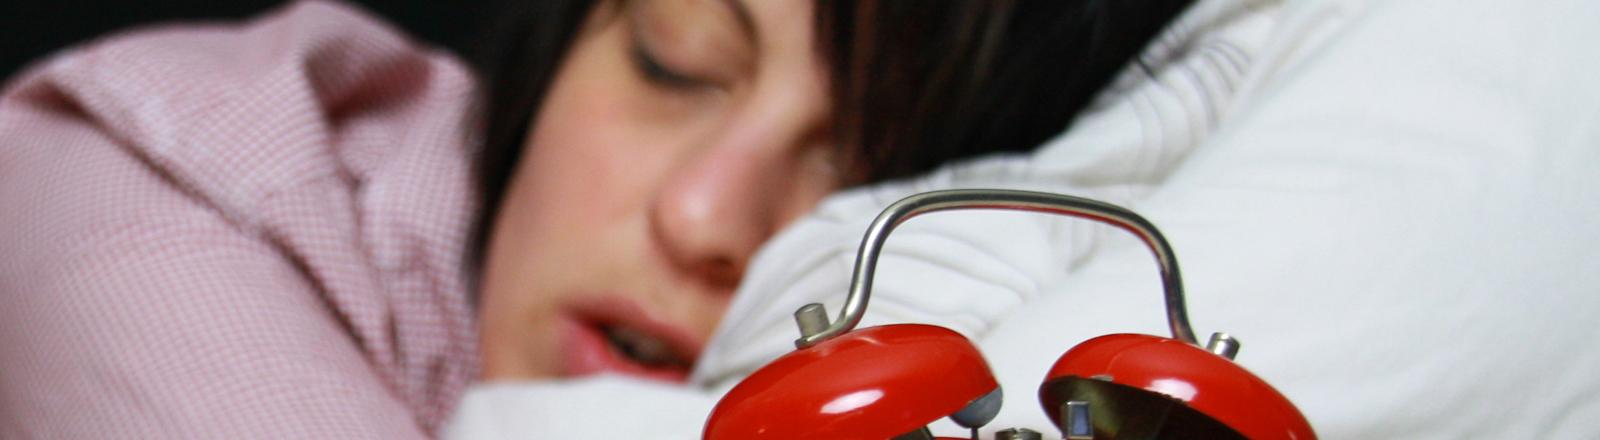 Ein Frau im Bett neben einem Wecker